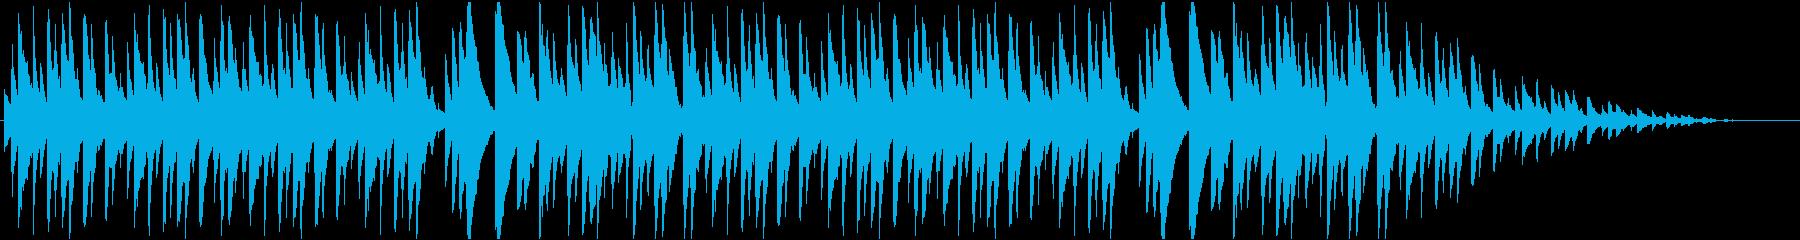 ゲーム・ムービー系モノのループ曲の再生済みの波形